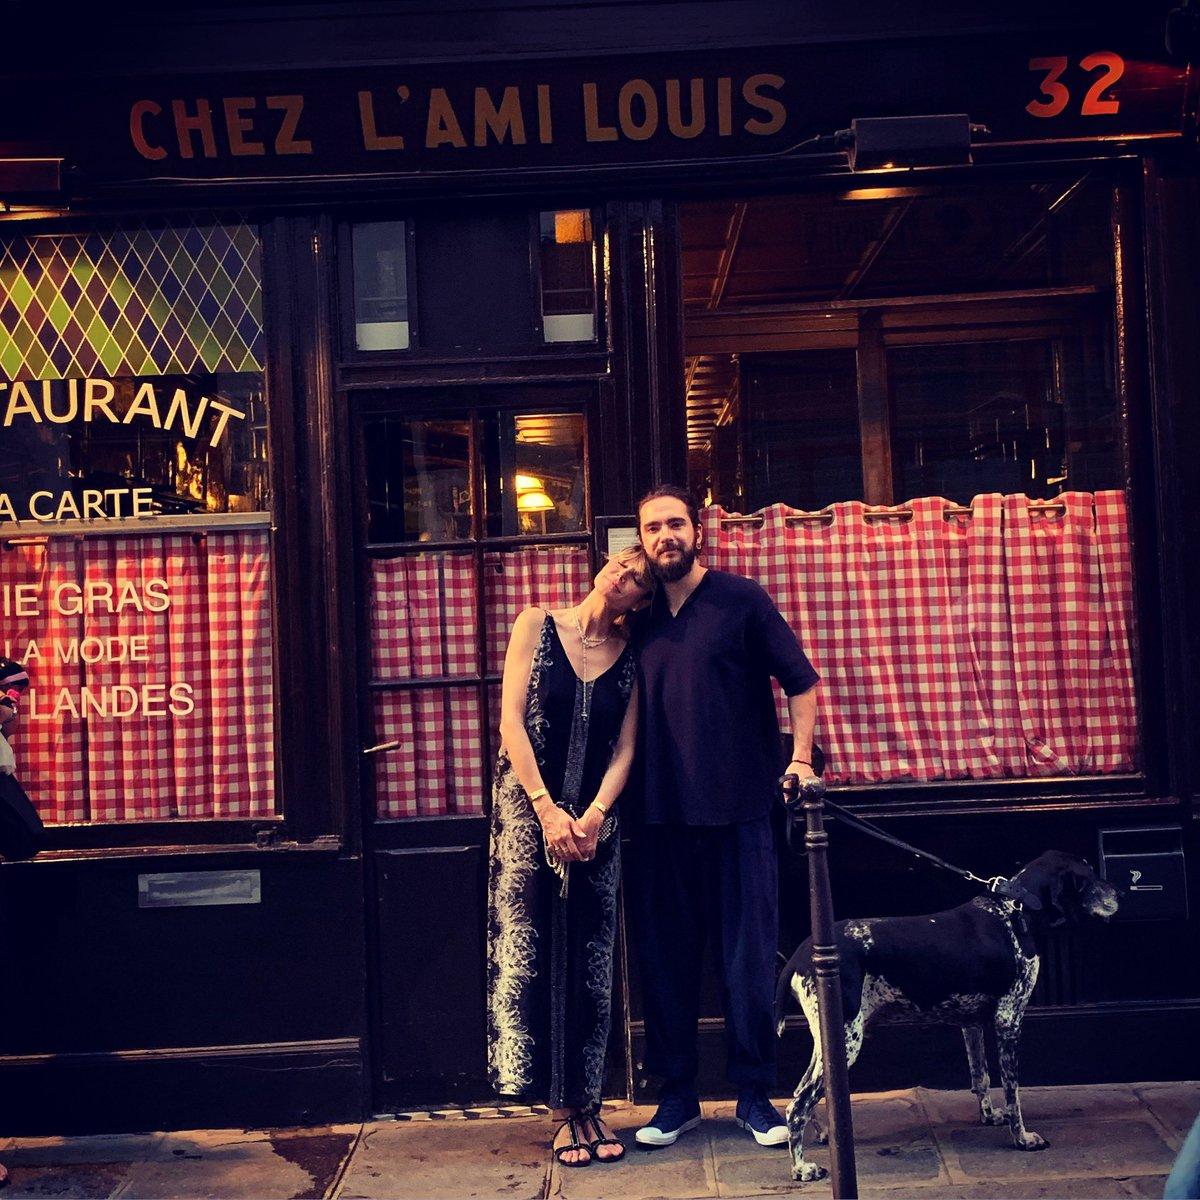 CHEZ L'AMI  LOUIS  ???? https://t.co/4X4yLlLNxu